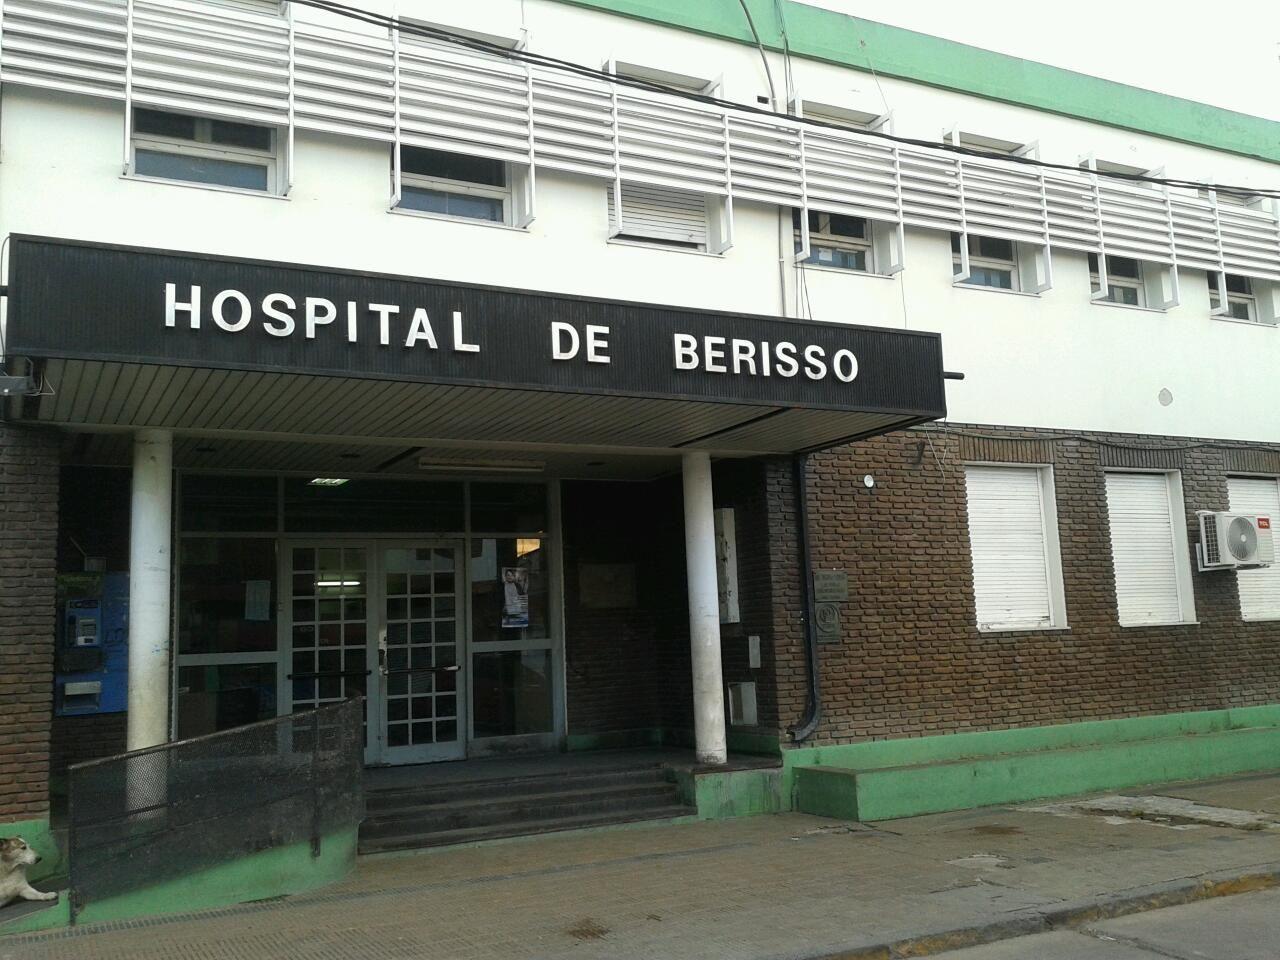 Tragedia en Berisso: tres nenes murieron intoxicados con monóxido de carbono